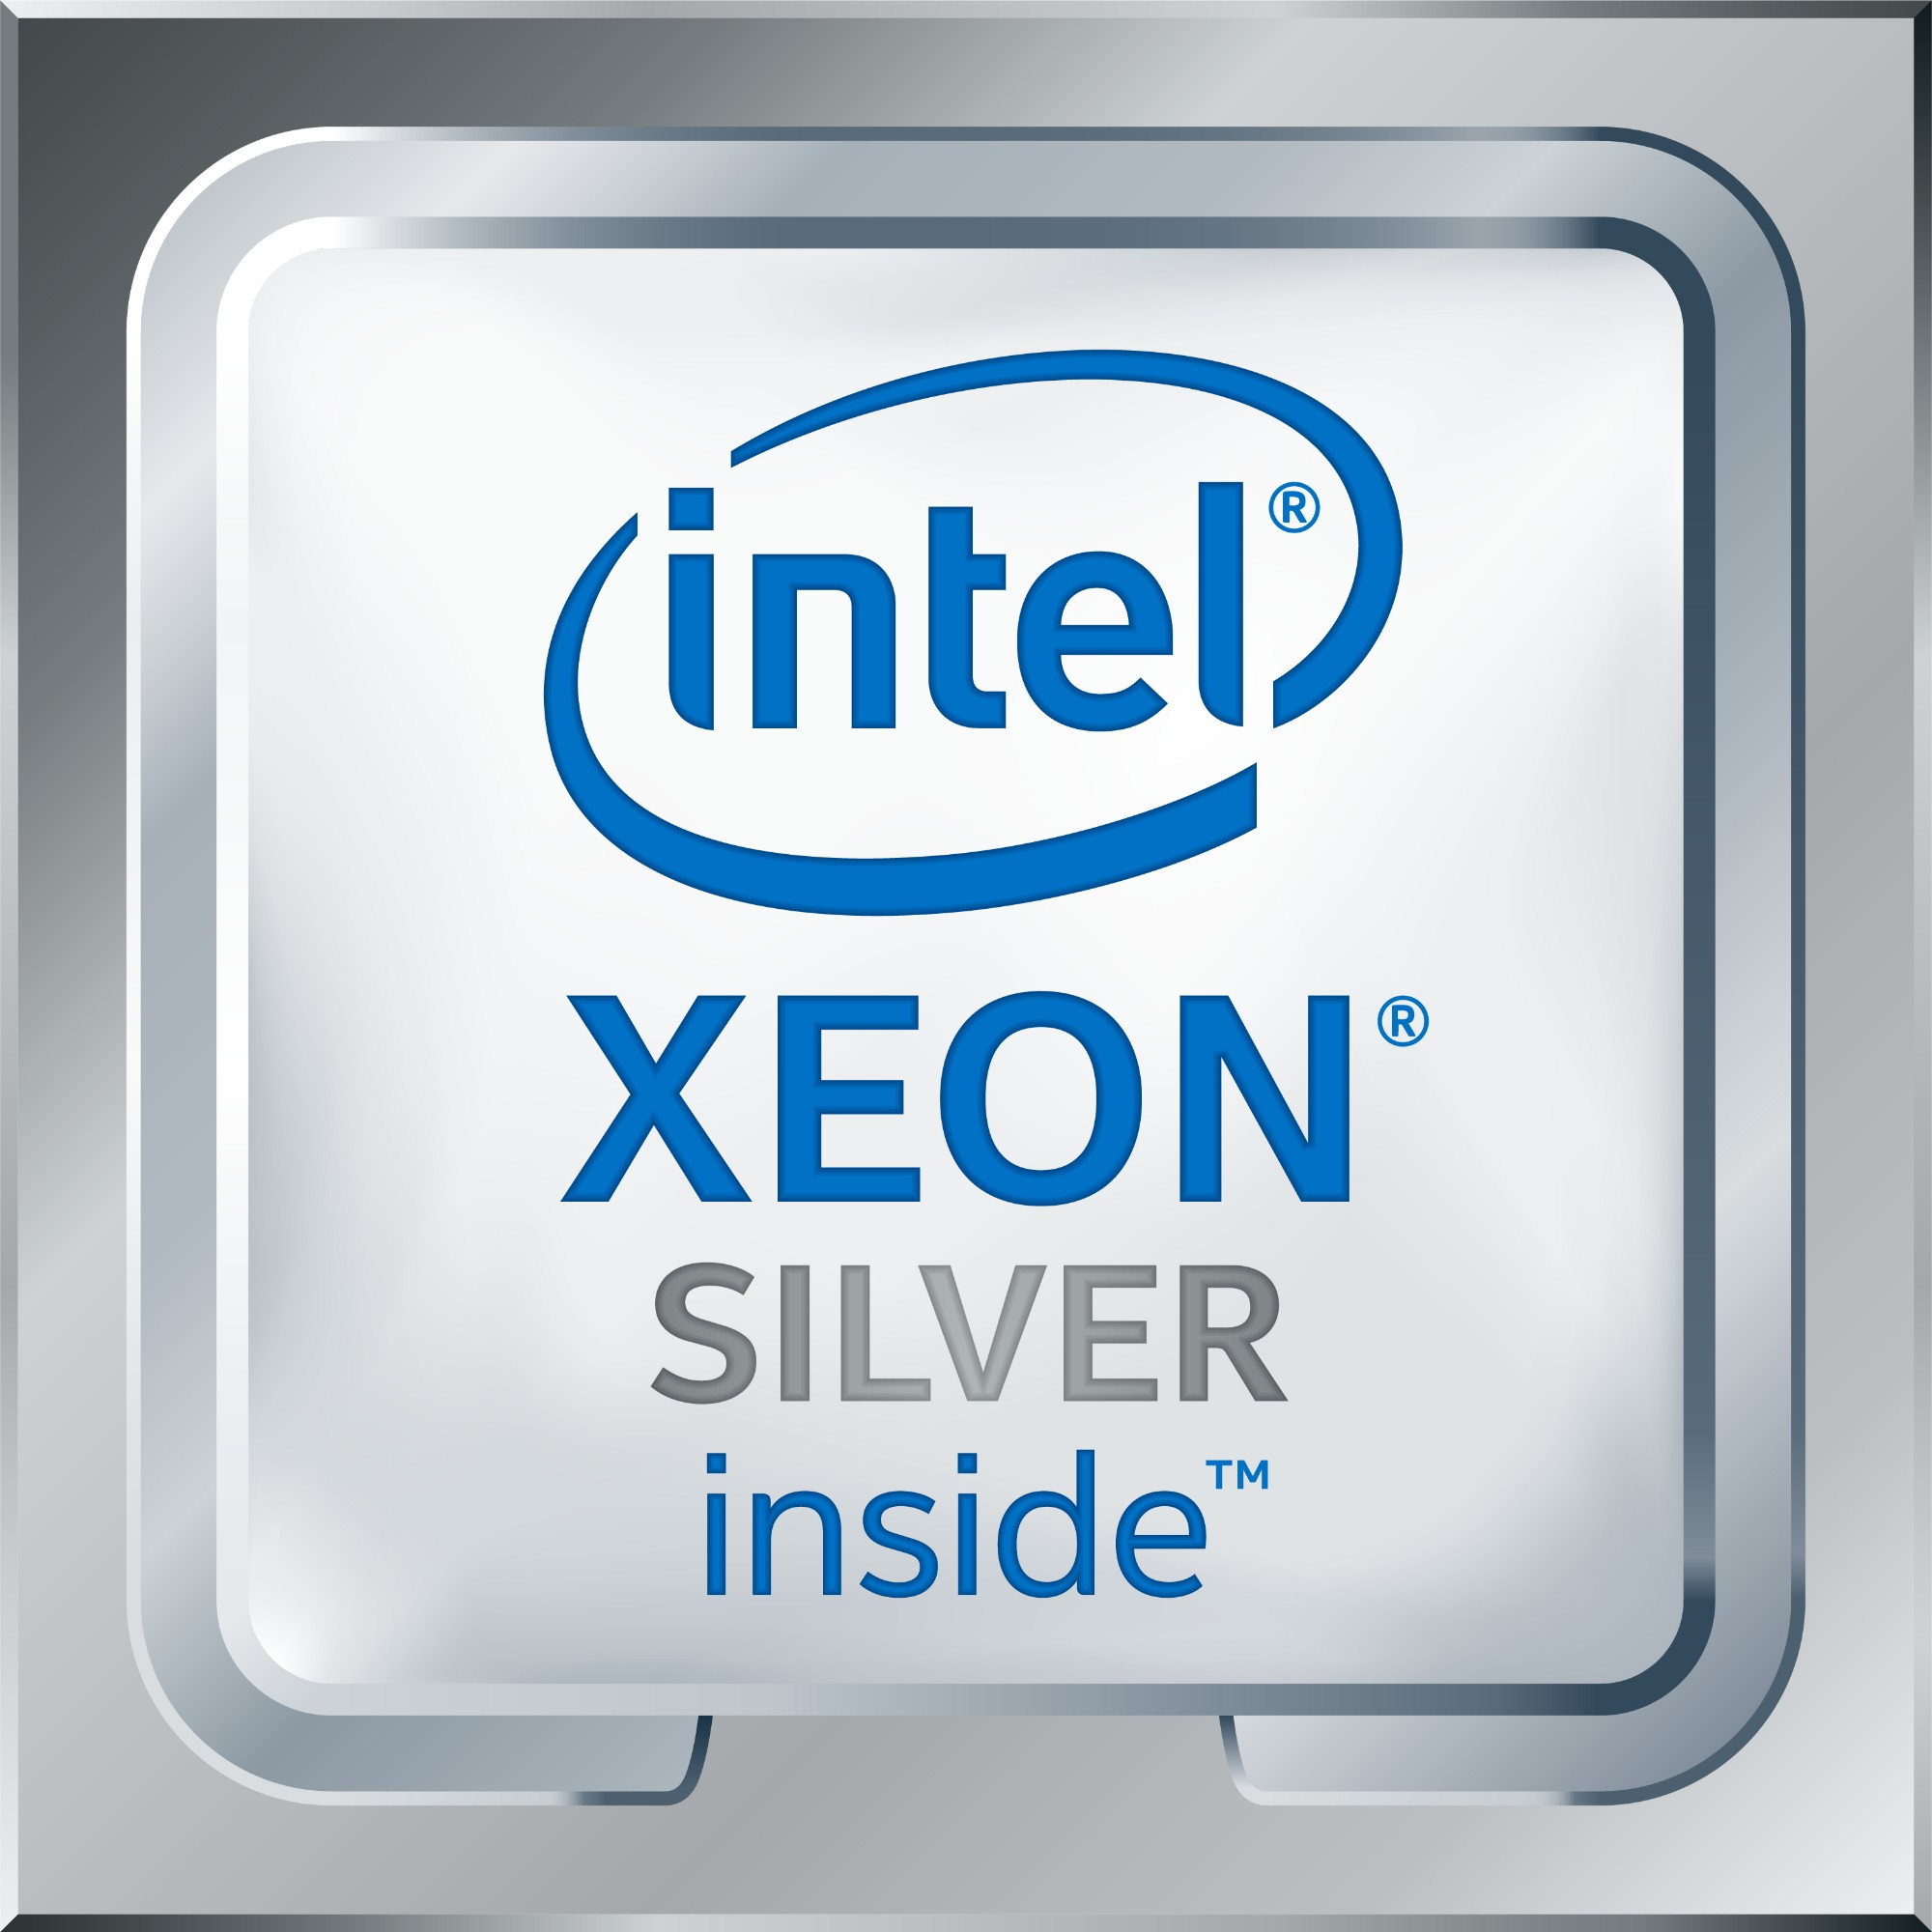 Fujitsu Xeon Silver 4108 1.8GHz 11MB L3 processor S26361-F4051-L108